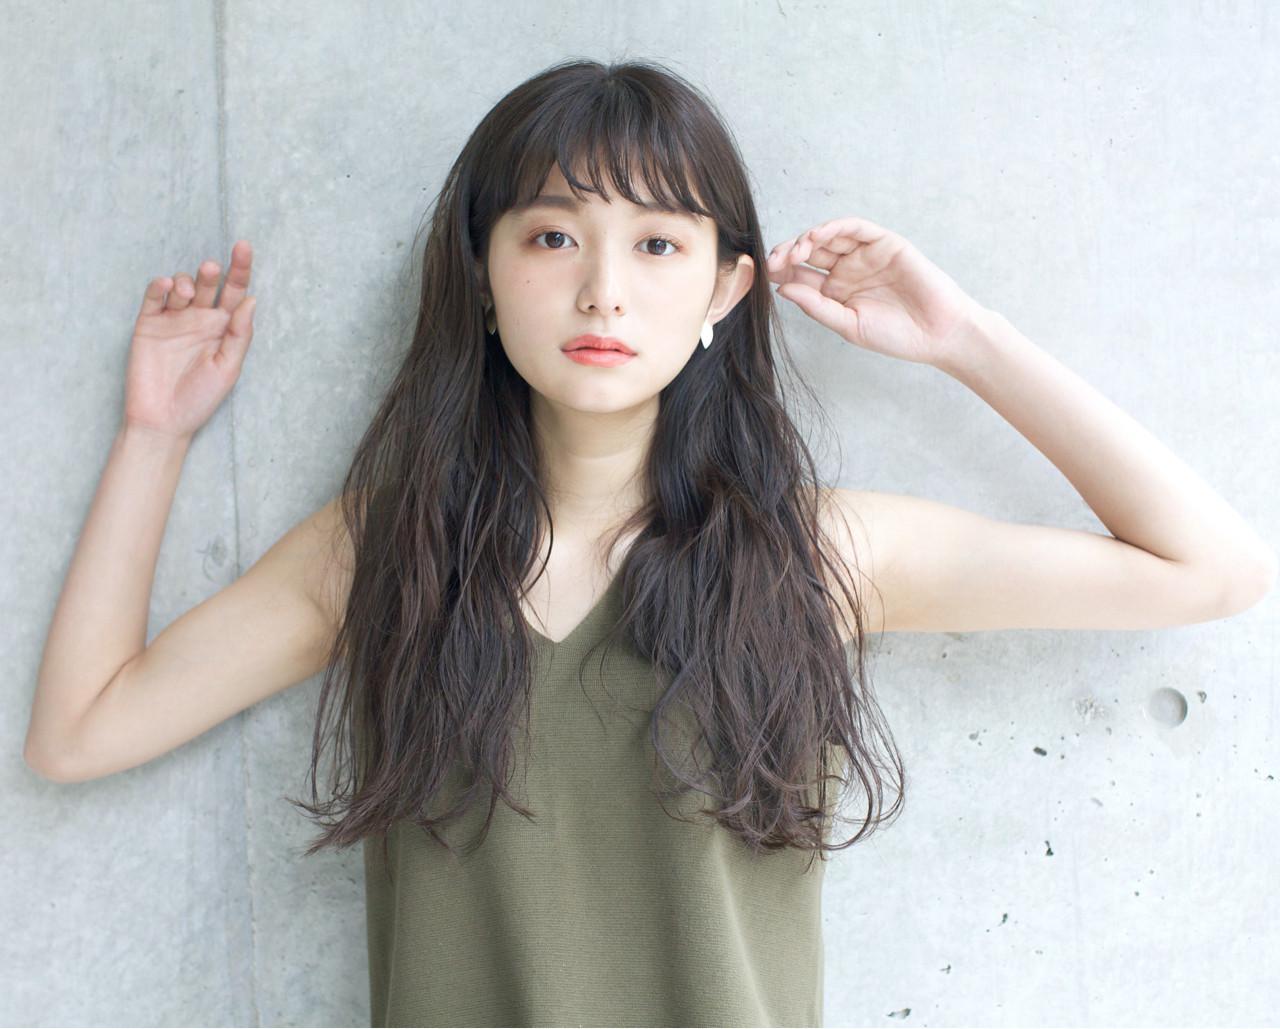 【丸顔さん向け】似合う前髪で顔型カバー!小顔に見えるすっきりバングとは 佐脇 正徳 | LOAVE AOYAMA(ローヴ アオヤマ)